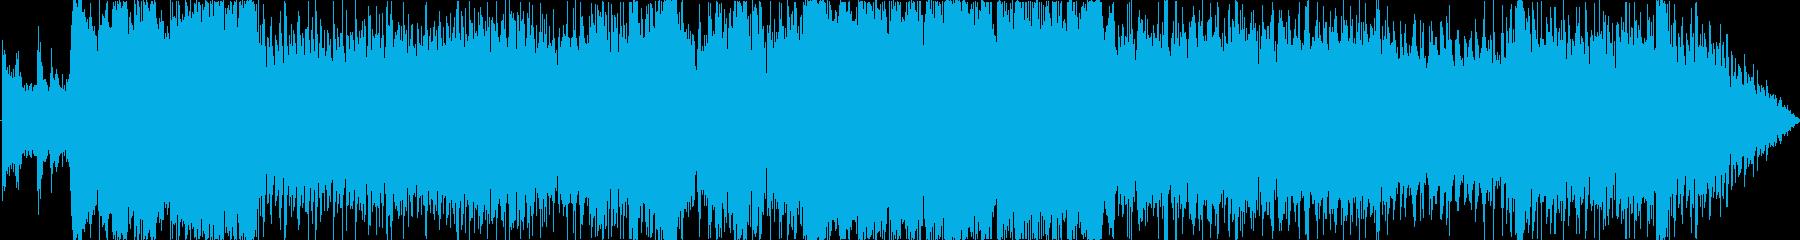 壮大で悲しいボス戦/EDMオーケストラ風の再生済みの波形